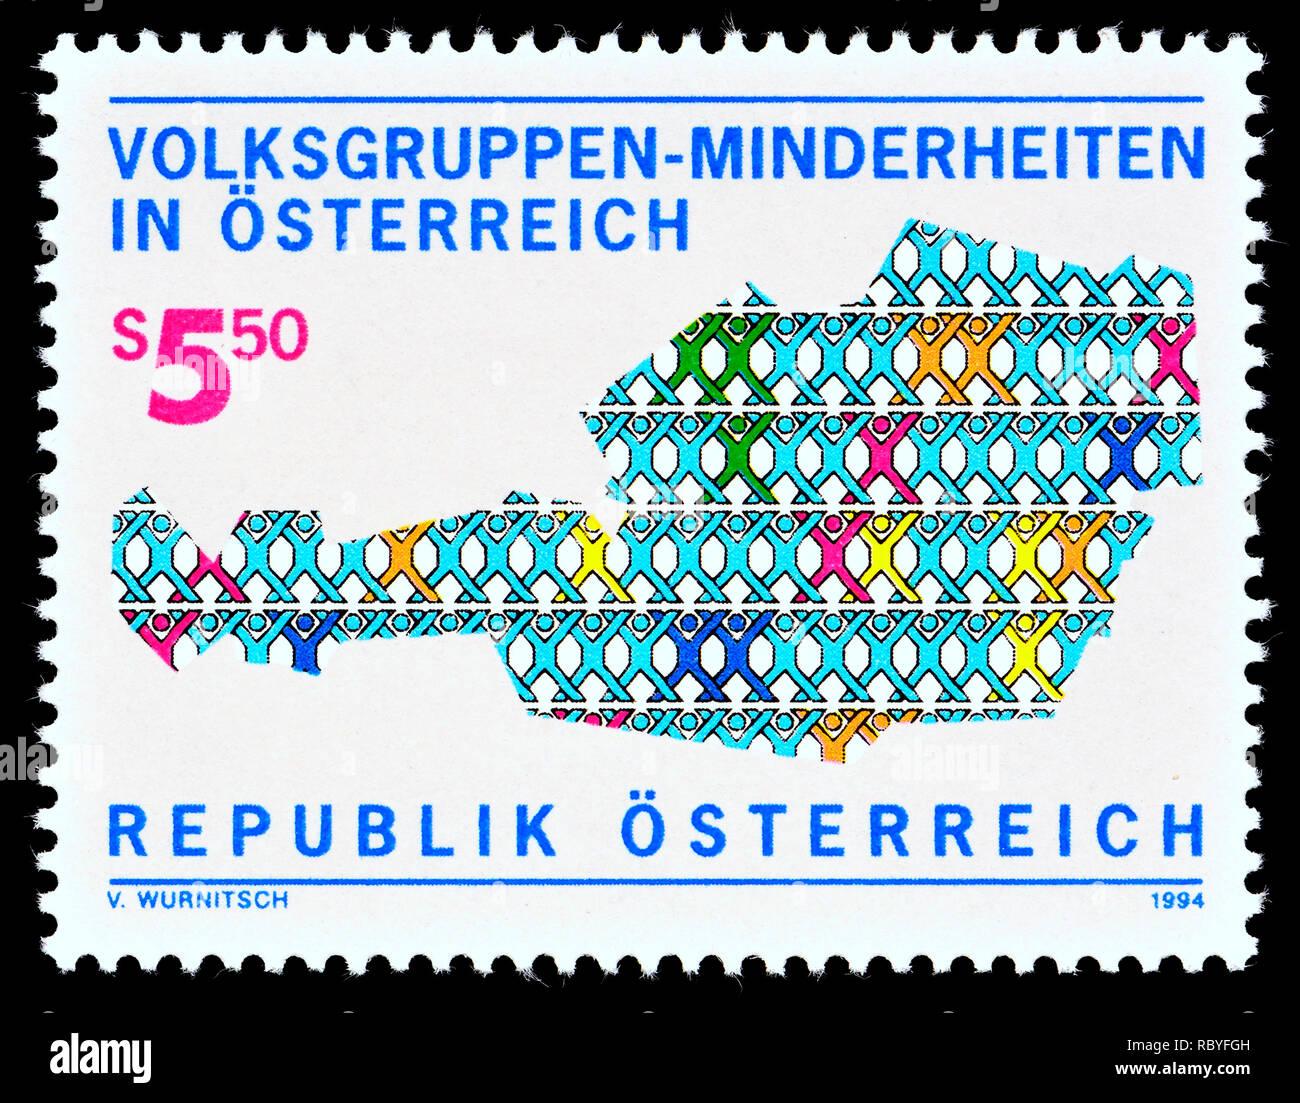 Sello austriaco (1994): las minorías, los grupos minoritarios en Austria Imagen De Stock